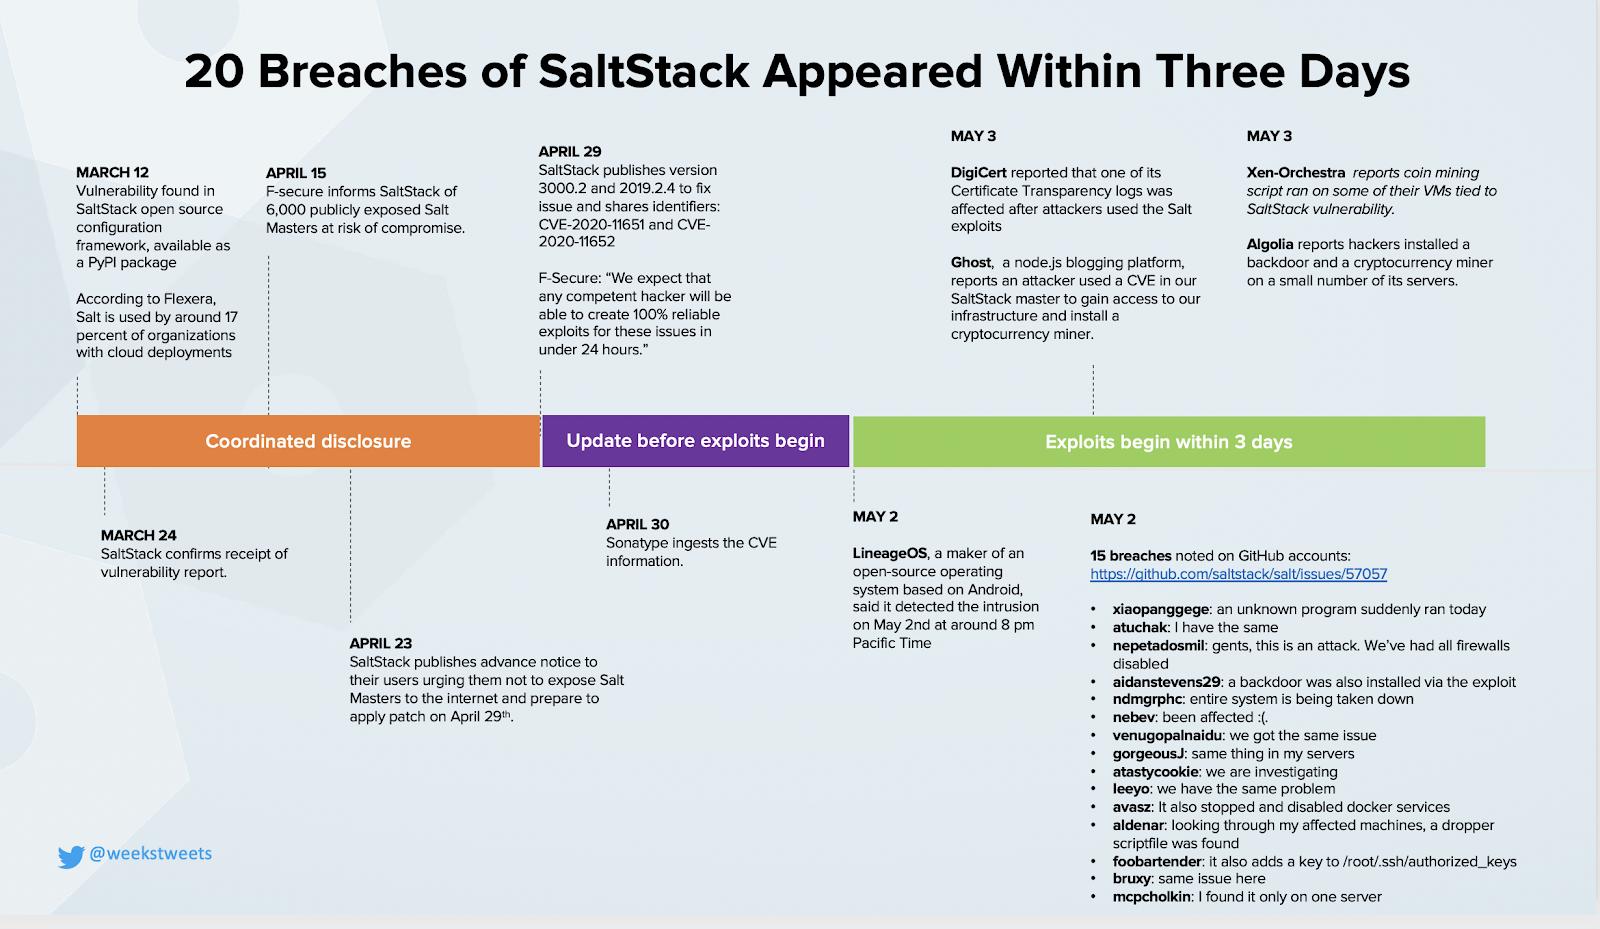 Blog Post Speed of Adversaries (SaltStack)